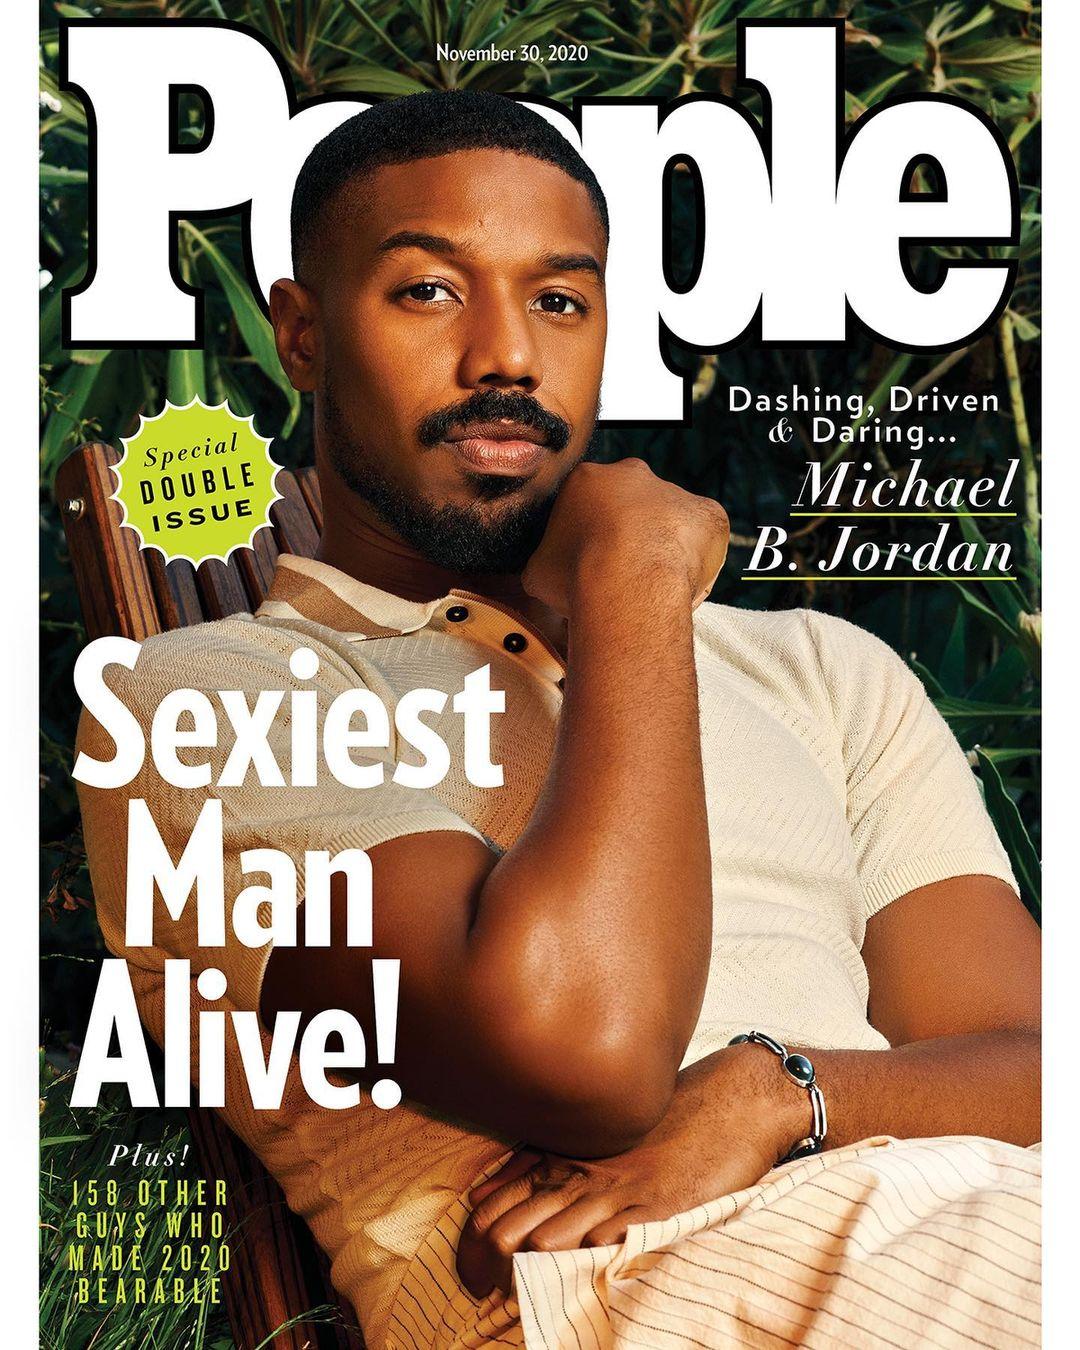 michael-b-jordan-workout-2020-sexiest-man-alive